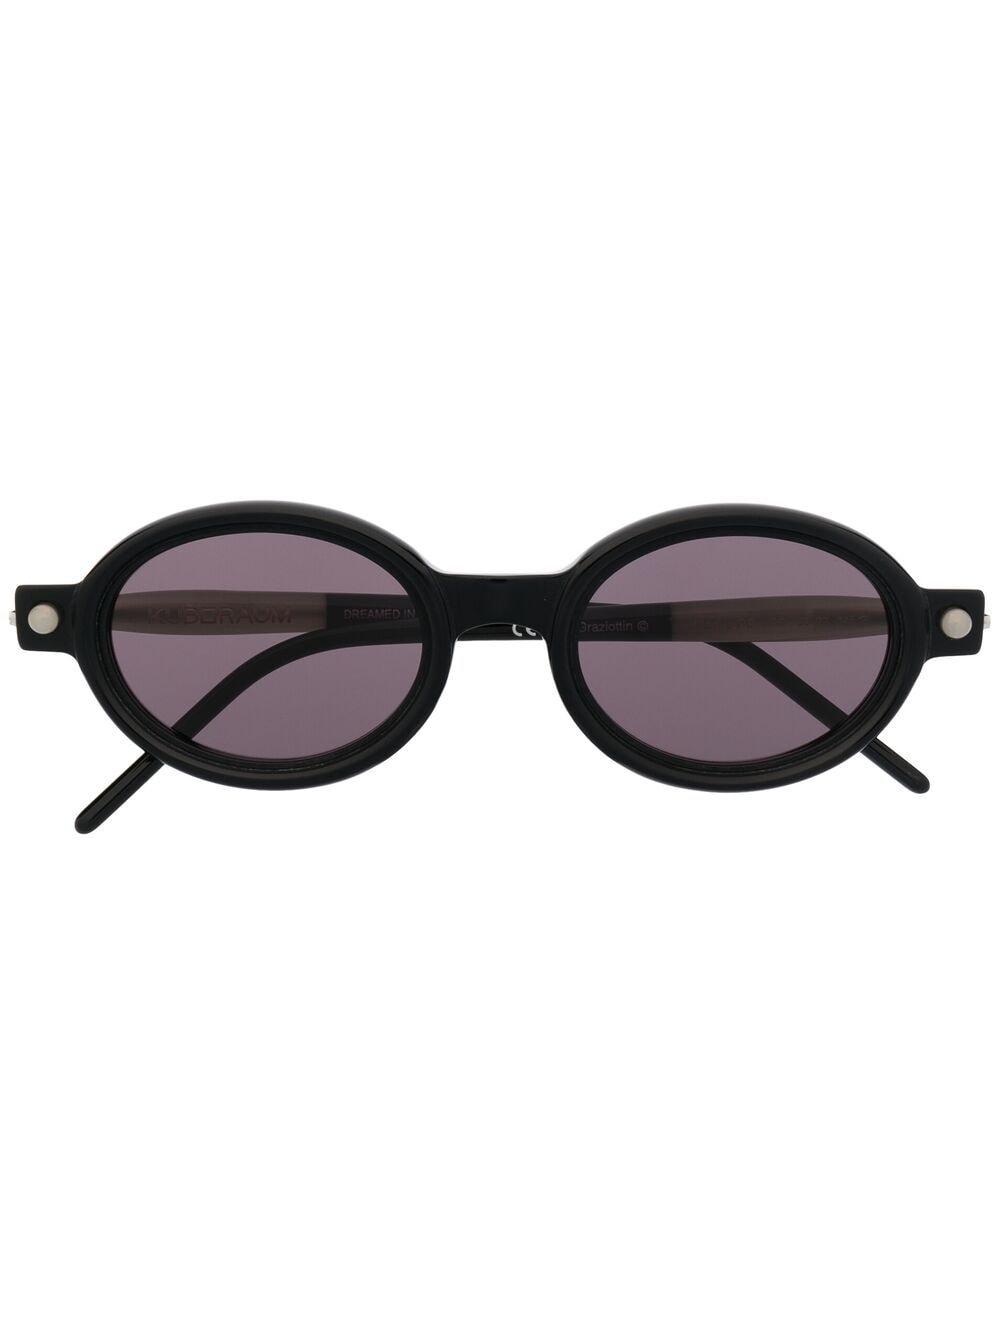 Kuboraum Sonnenbrille mit ovalem Gestell - Schwarz